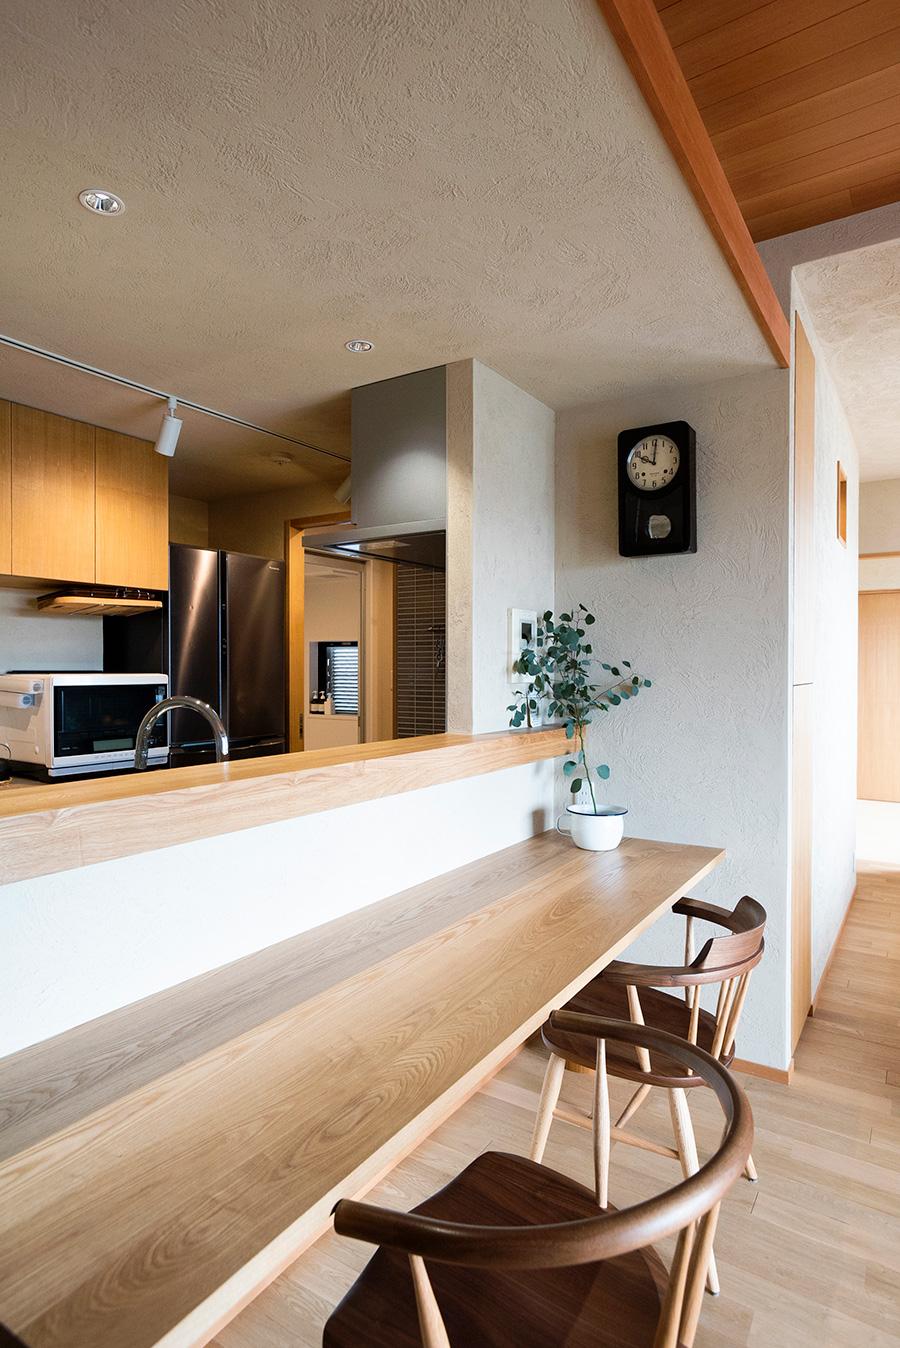 カウンターキッチンは田辺さんのリクエスト。「使いやすくて役立っています」。